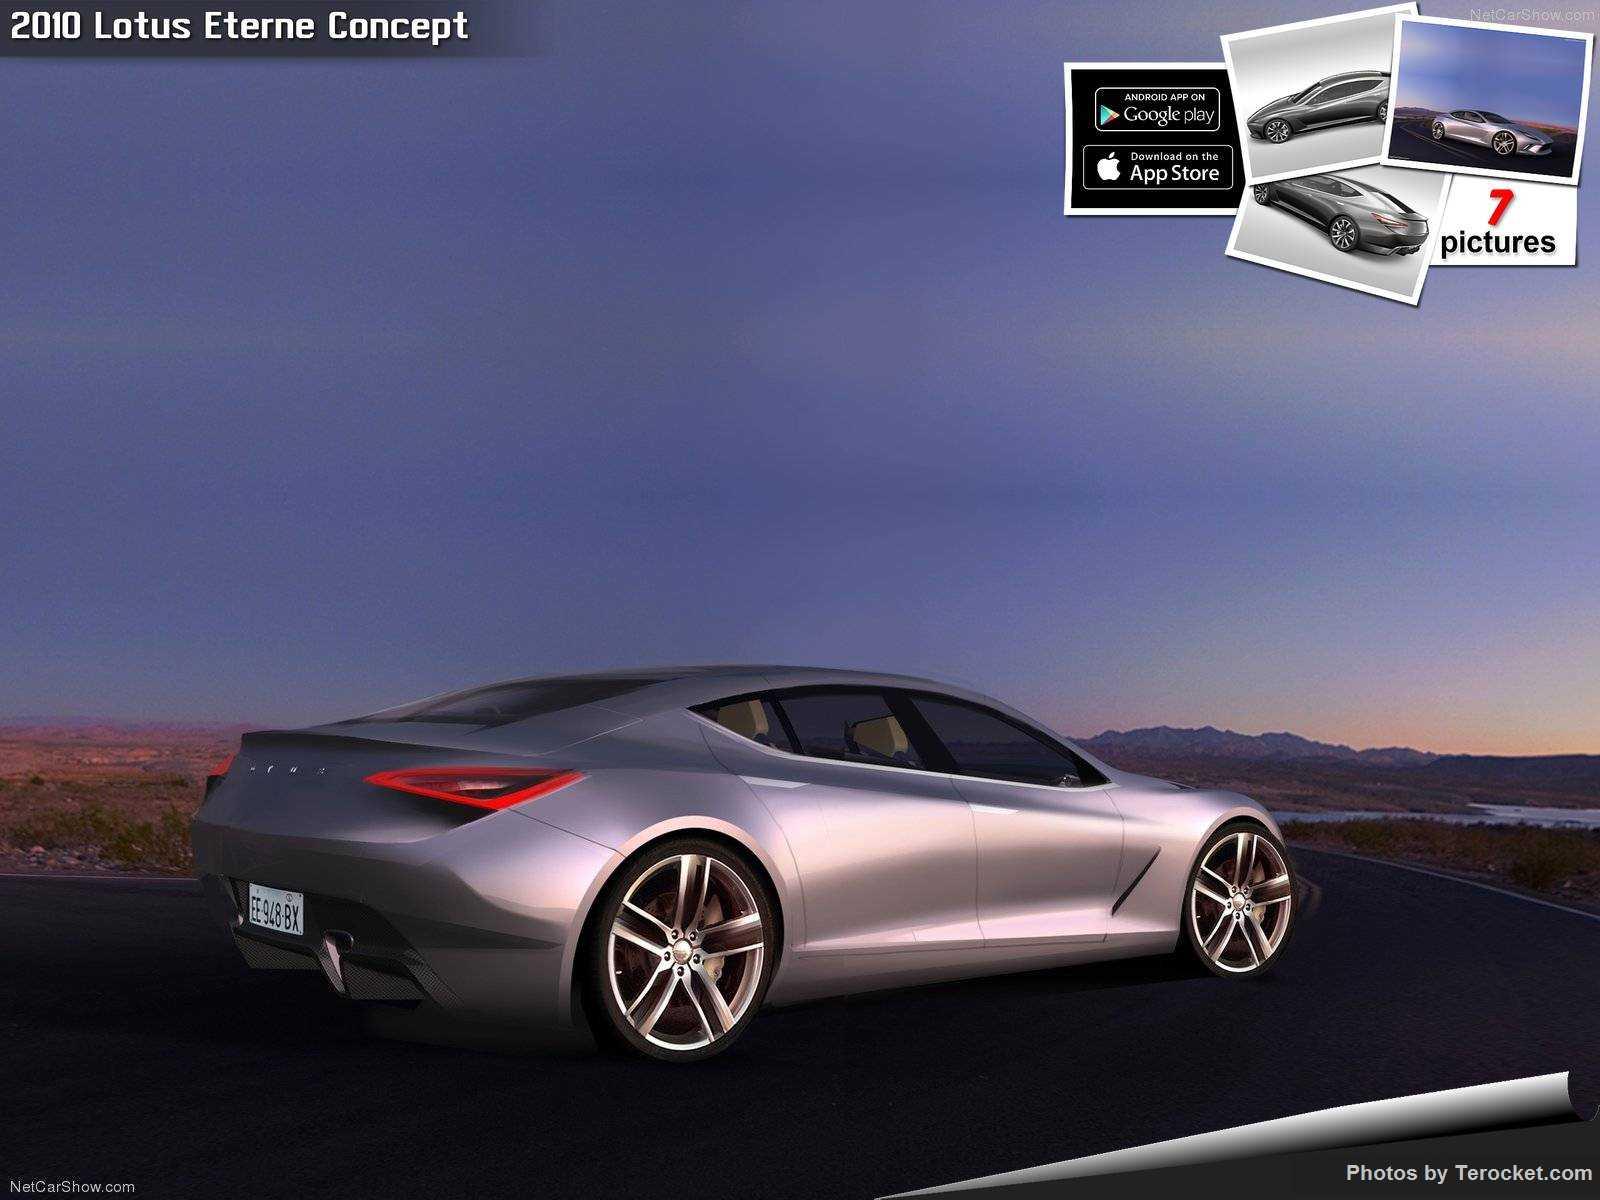 Hình ảnh siêu xe Lotus Eterne Concept 2010 & nội ngoại thất